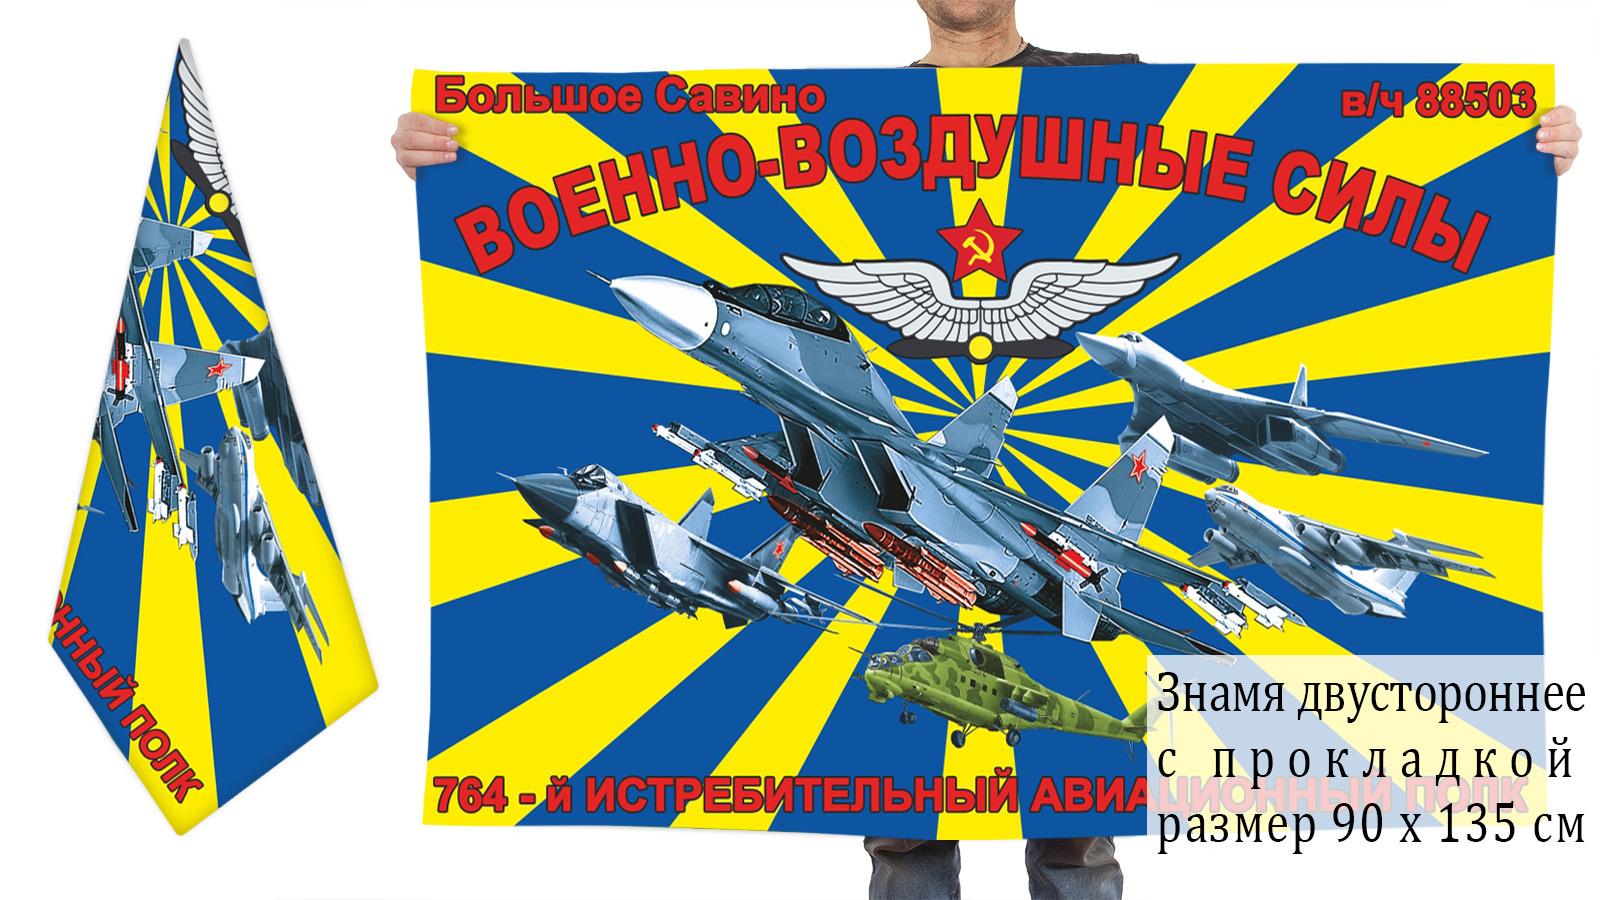 Двусторонний флаг 764 Истребительного авиаполка